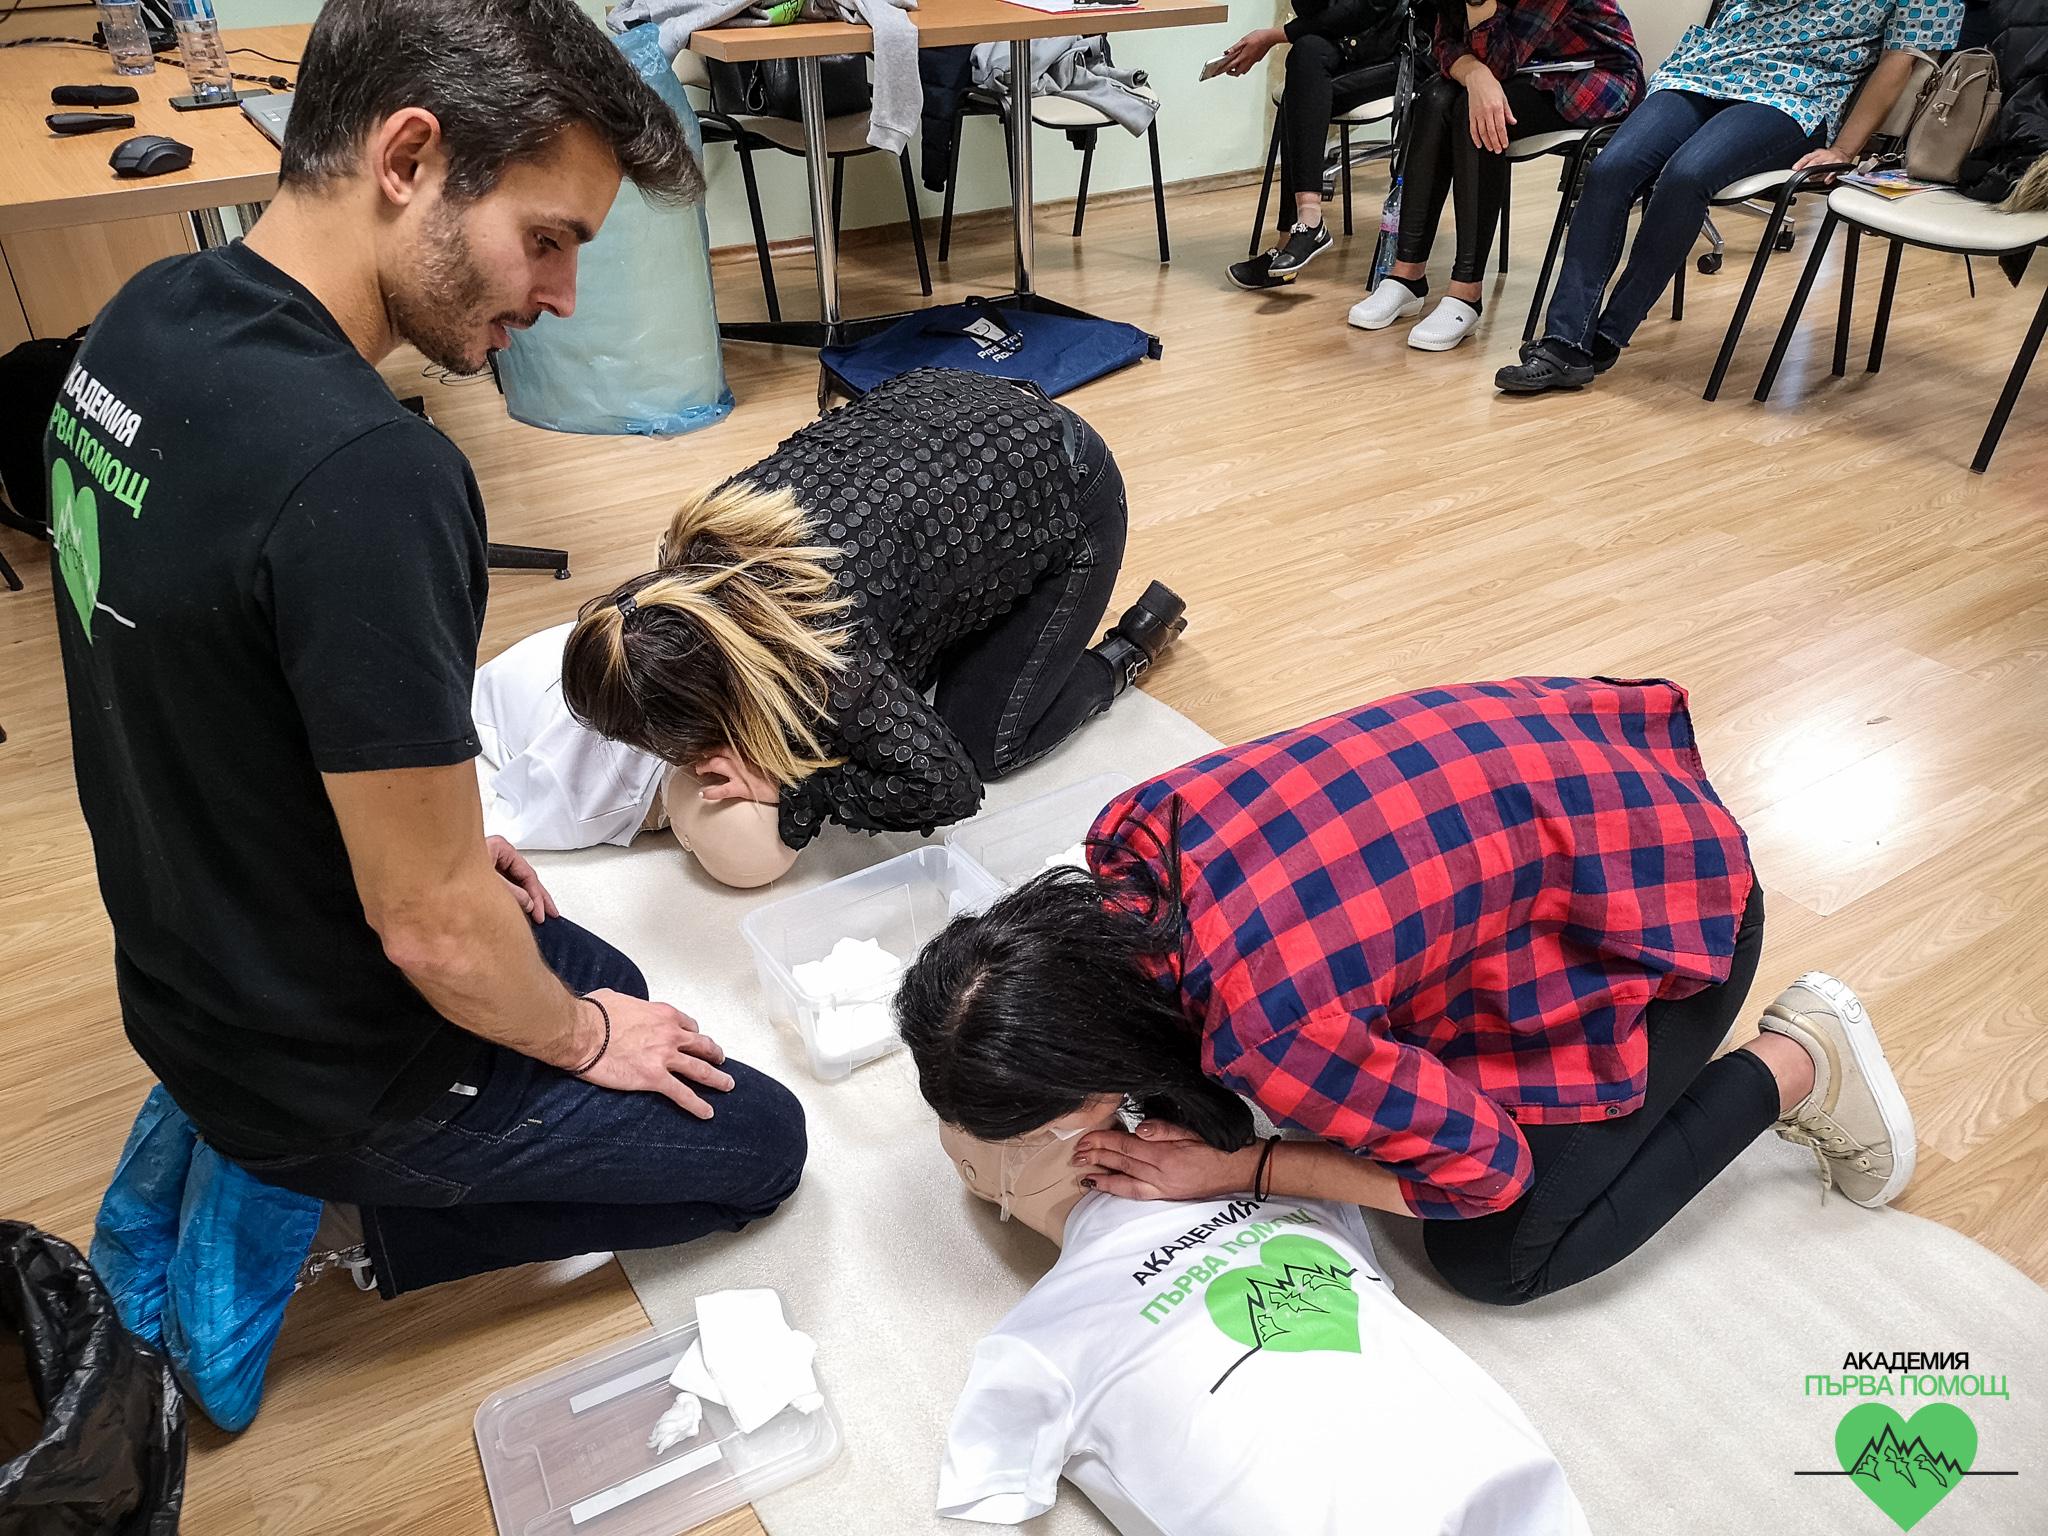 Академия Първа Помощ Първа помощ за педагогически специалисти първа помощ за педагогически специалисти